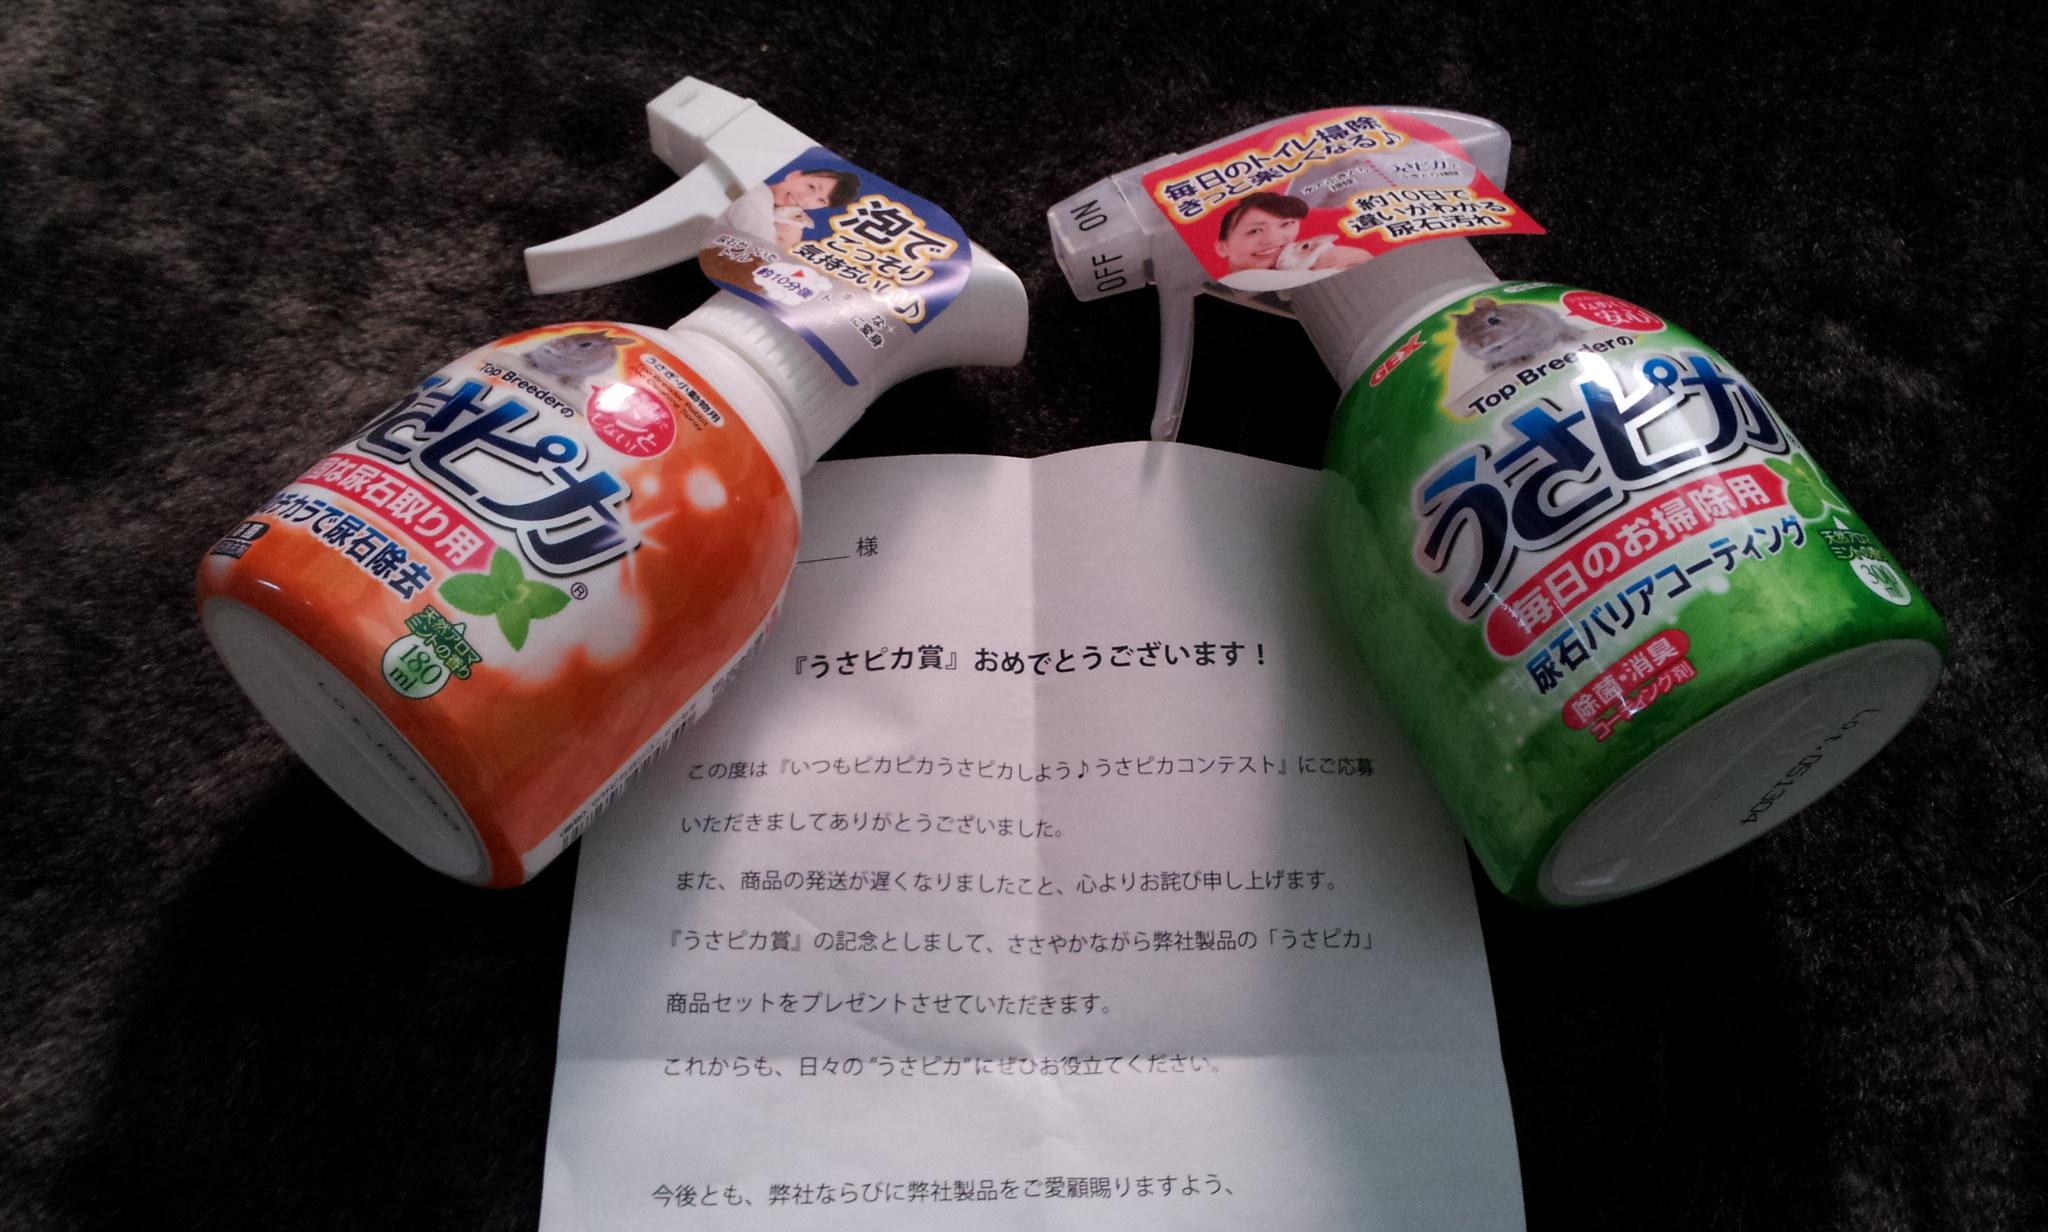 うさピカコンテスト商品届く!